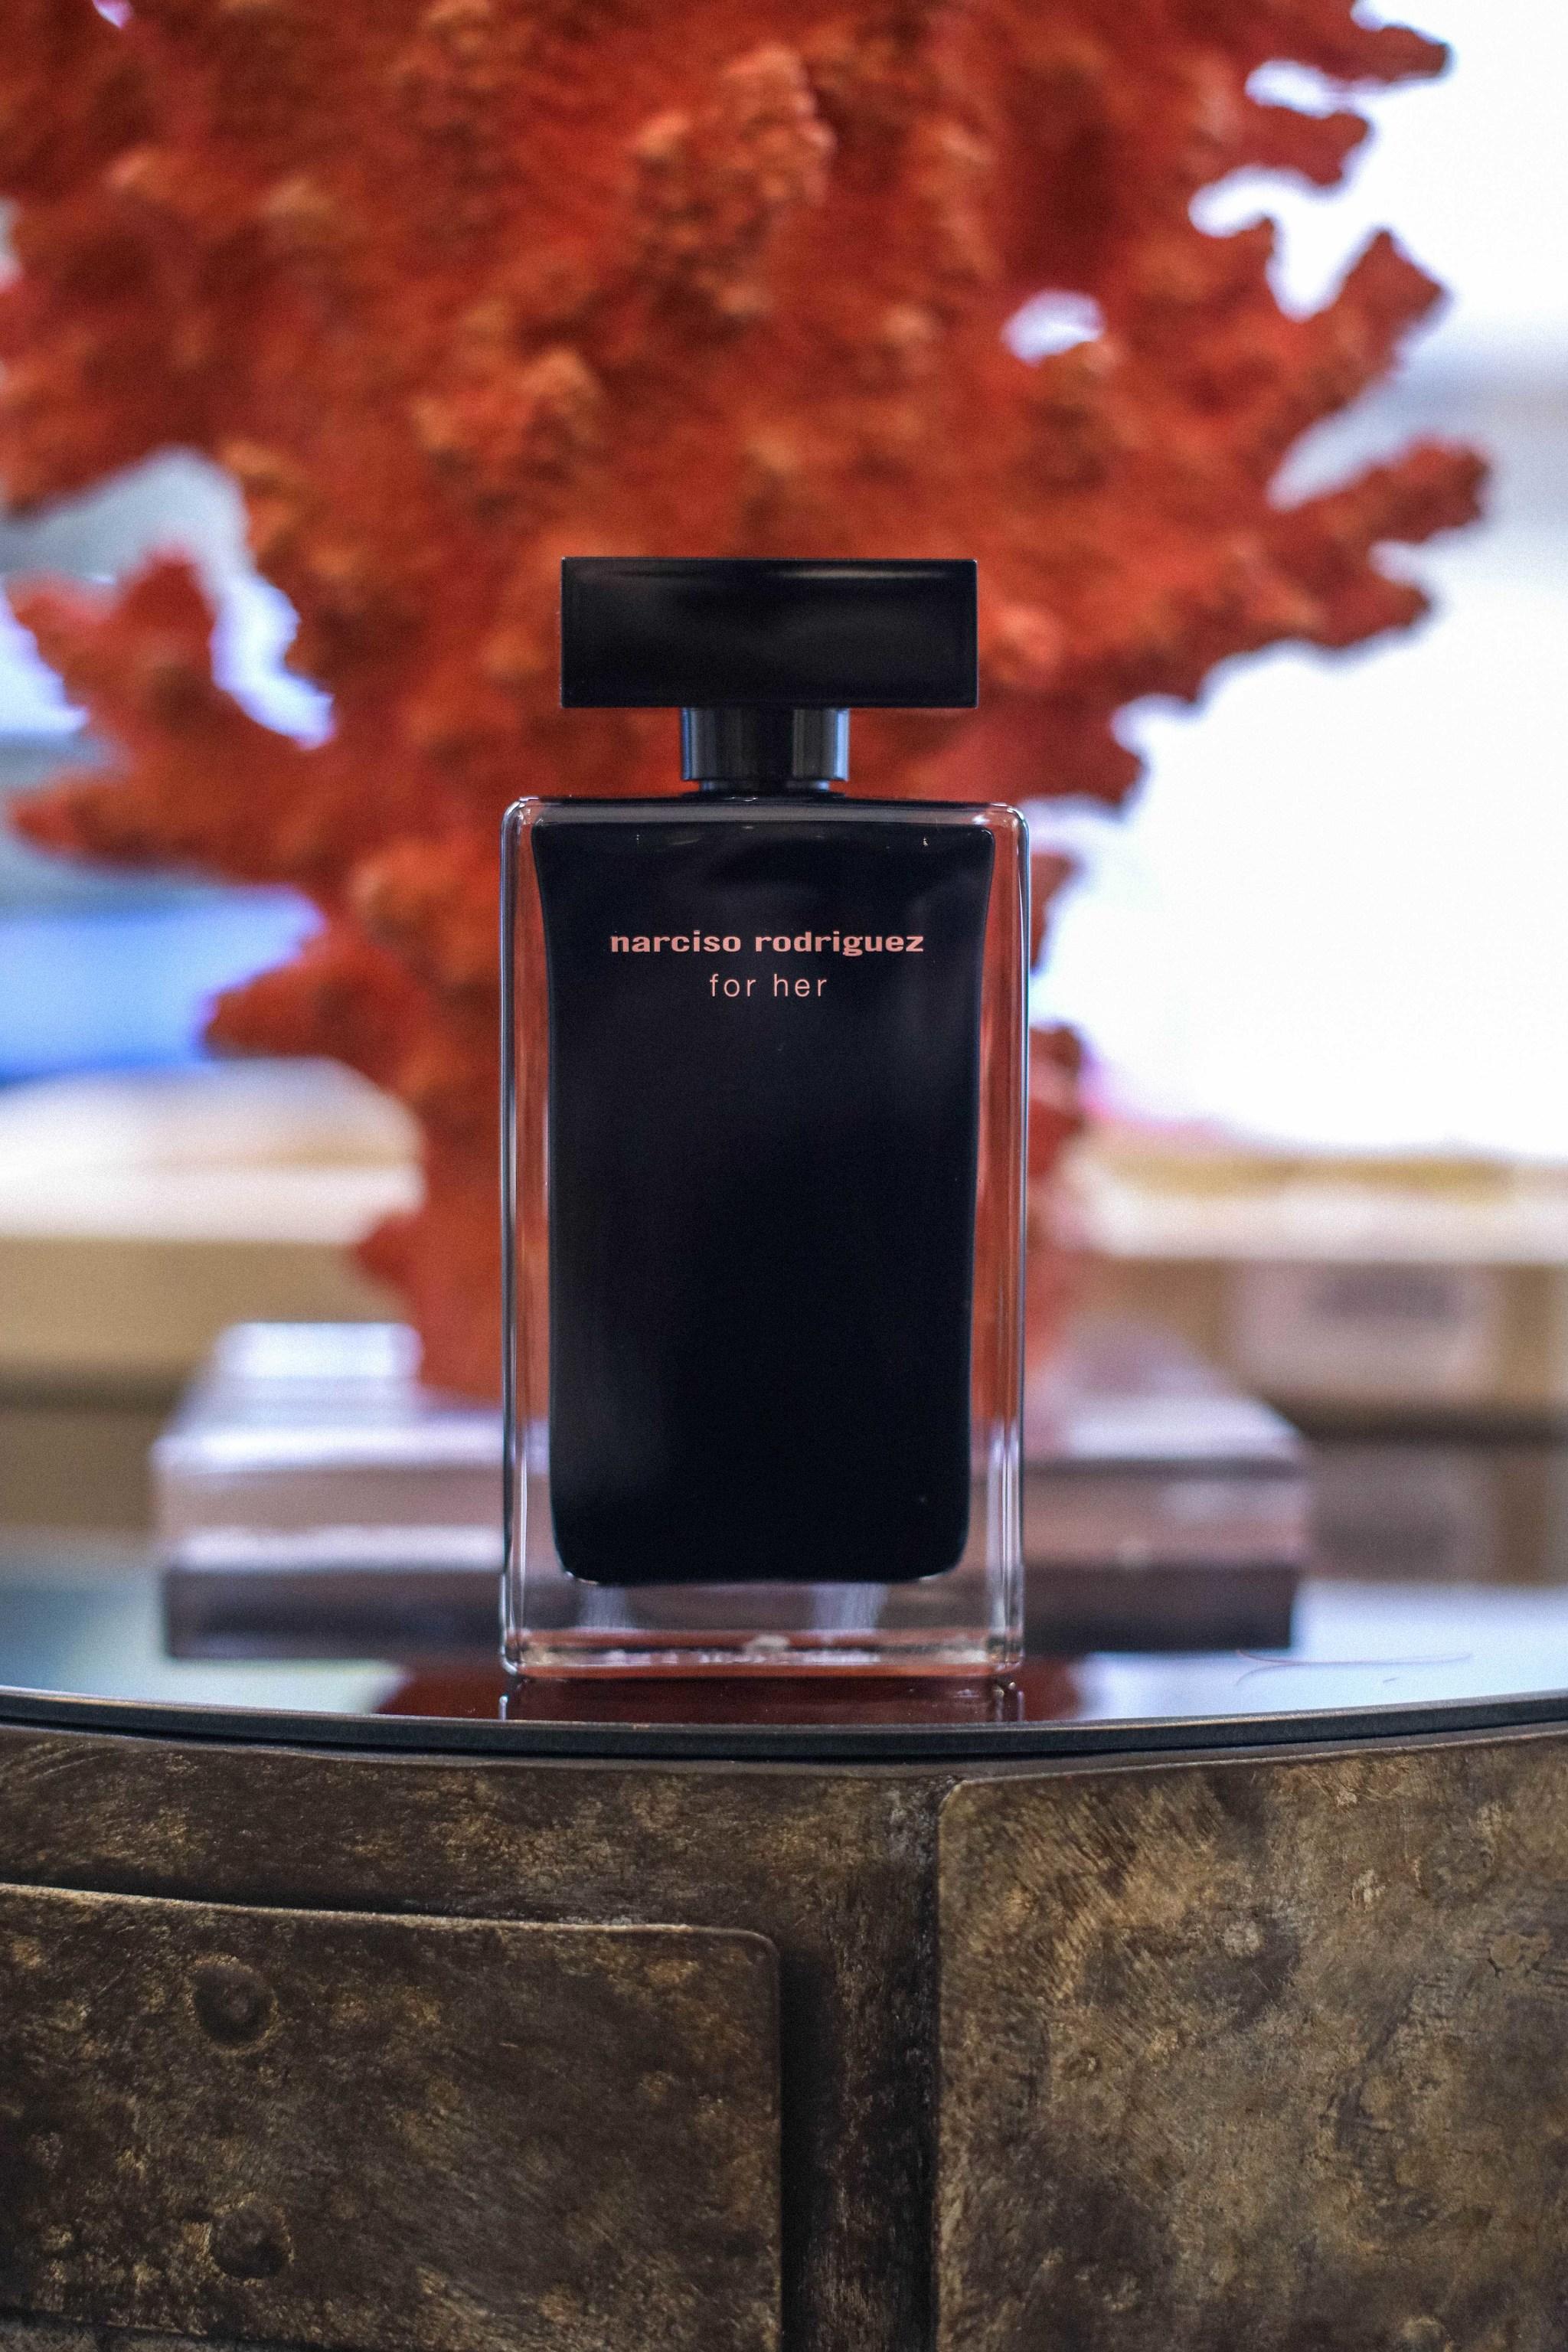 El perfume For Her de Narciso Rodríguez.